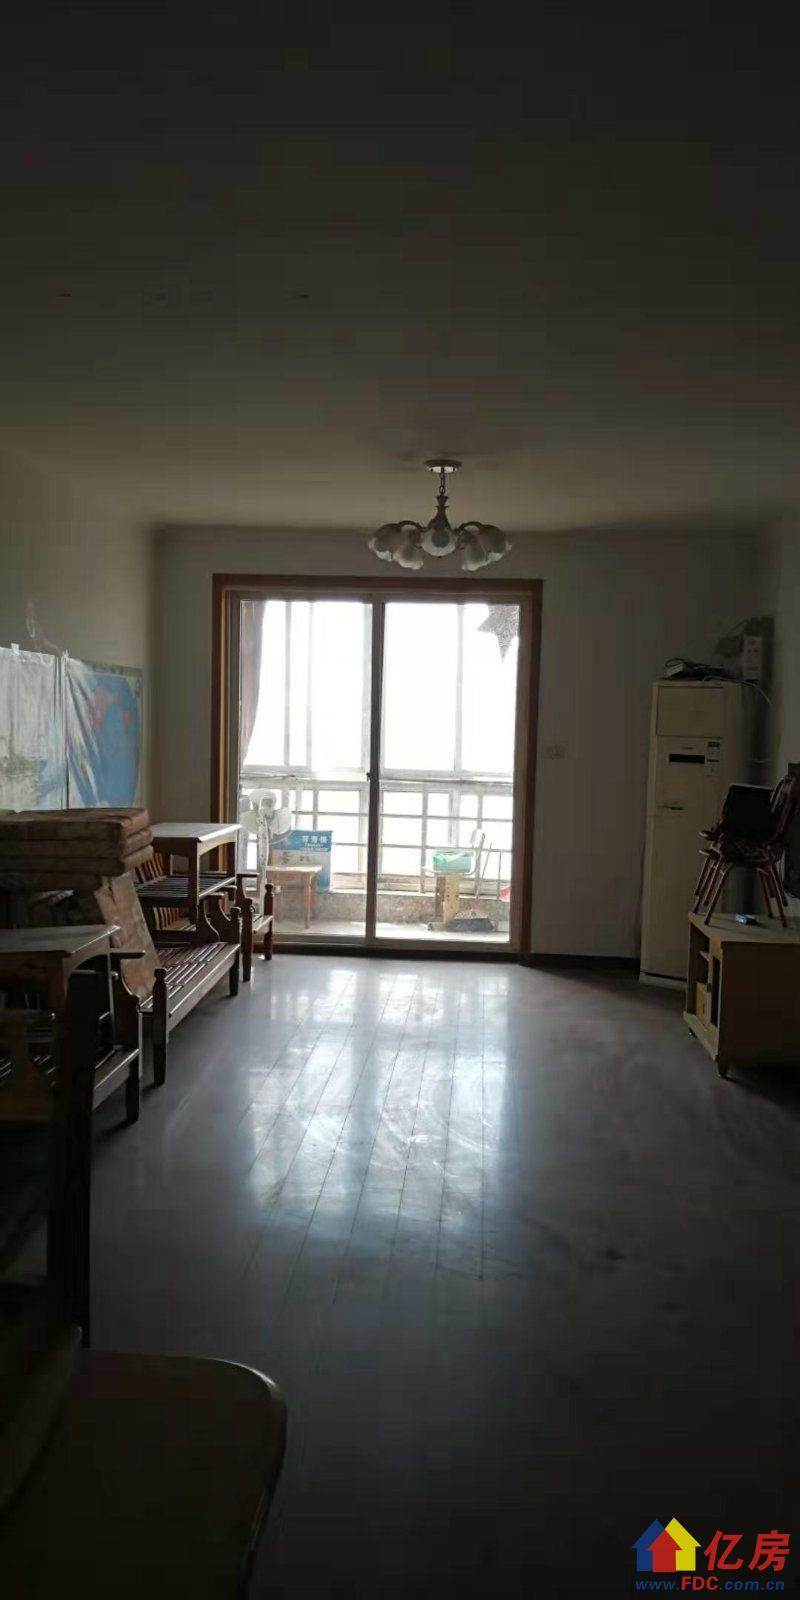 丽水佳园步梯三房空间利用大,幼儿园小学都在大门口,七号线口子,武汉东西湖区金银湖东西湖马池路特1号二手房3室 - 亿房网